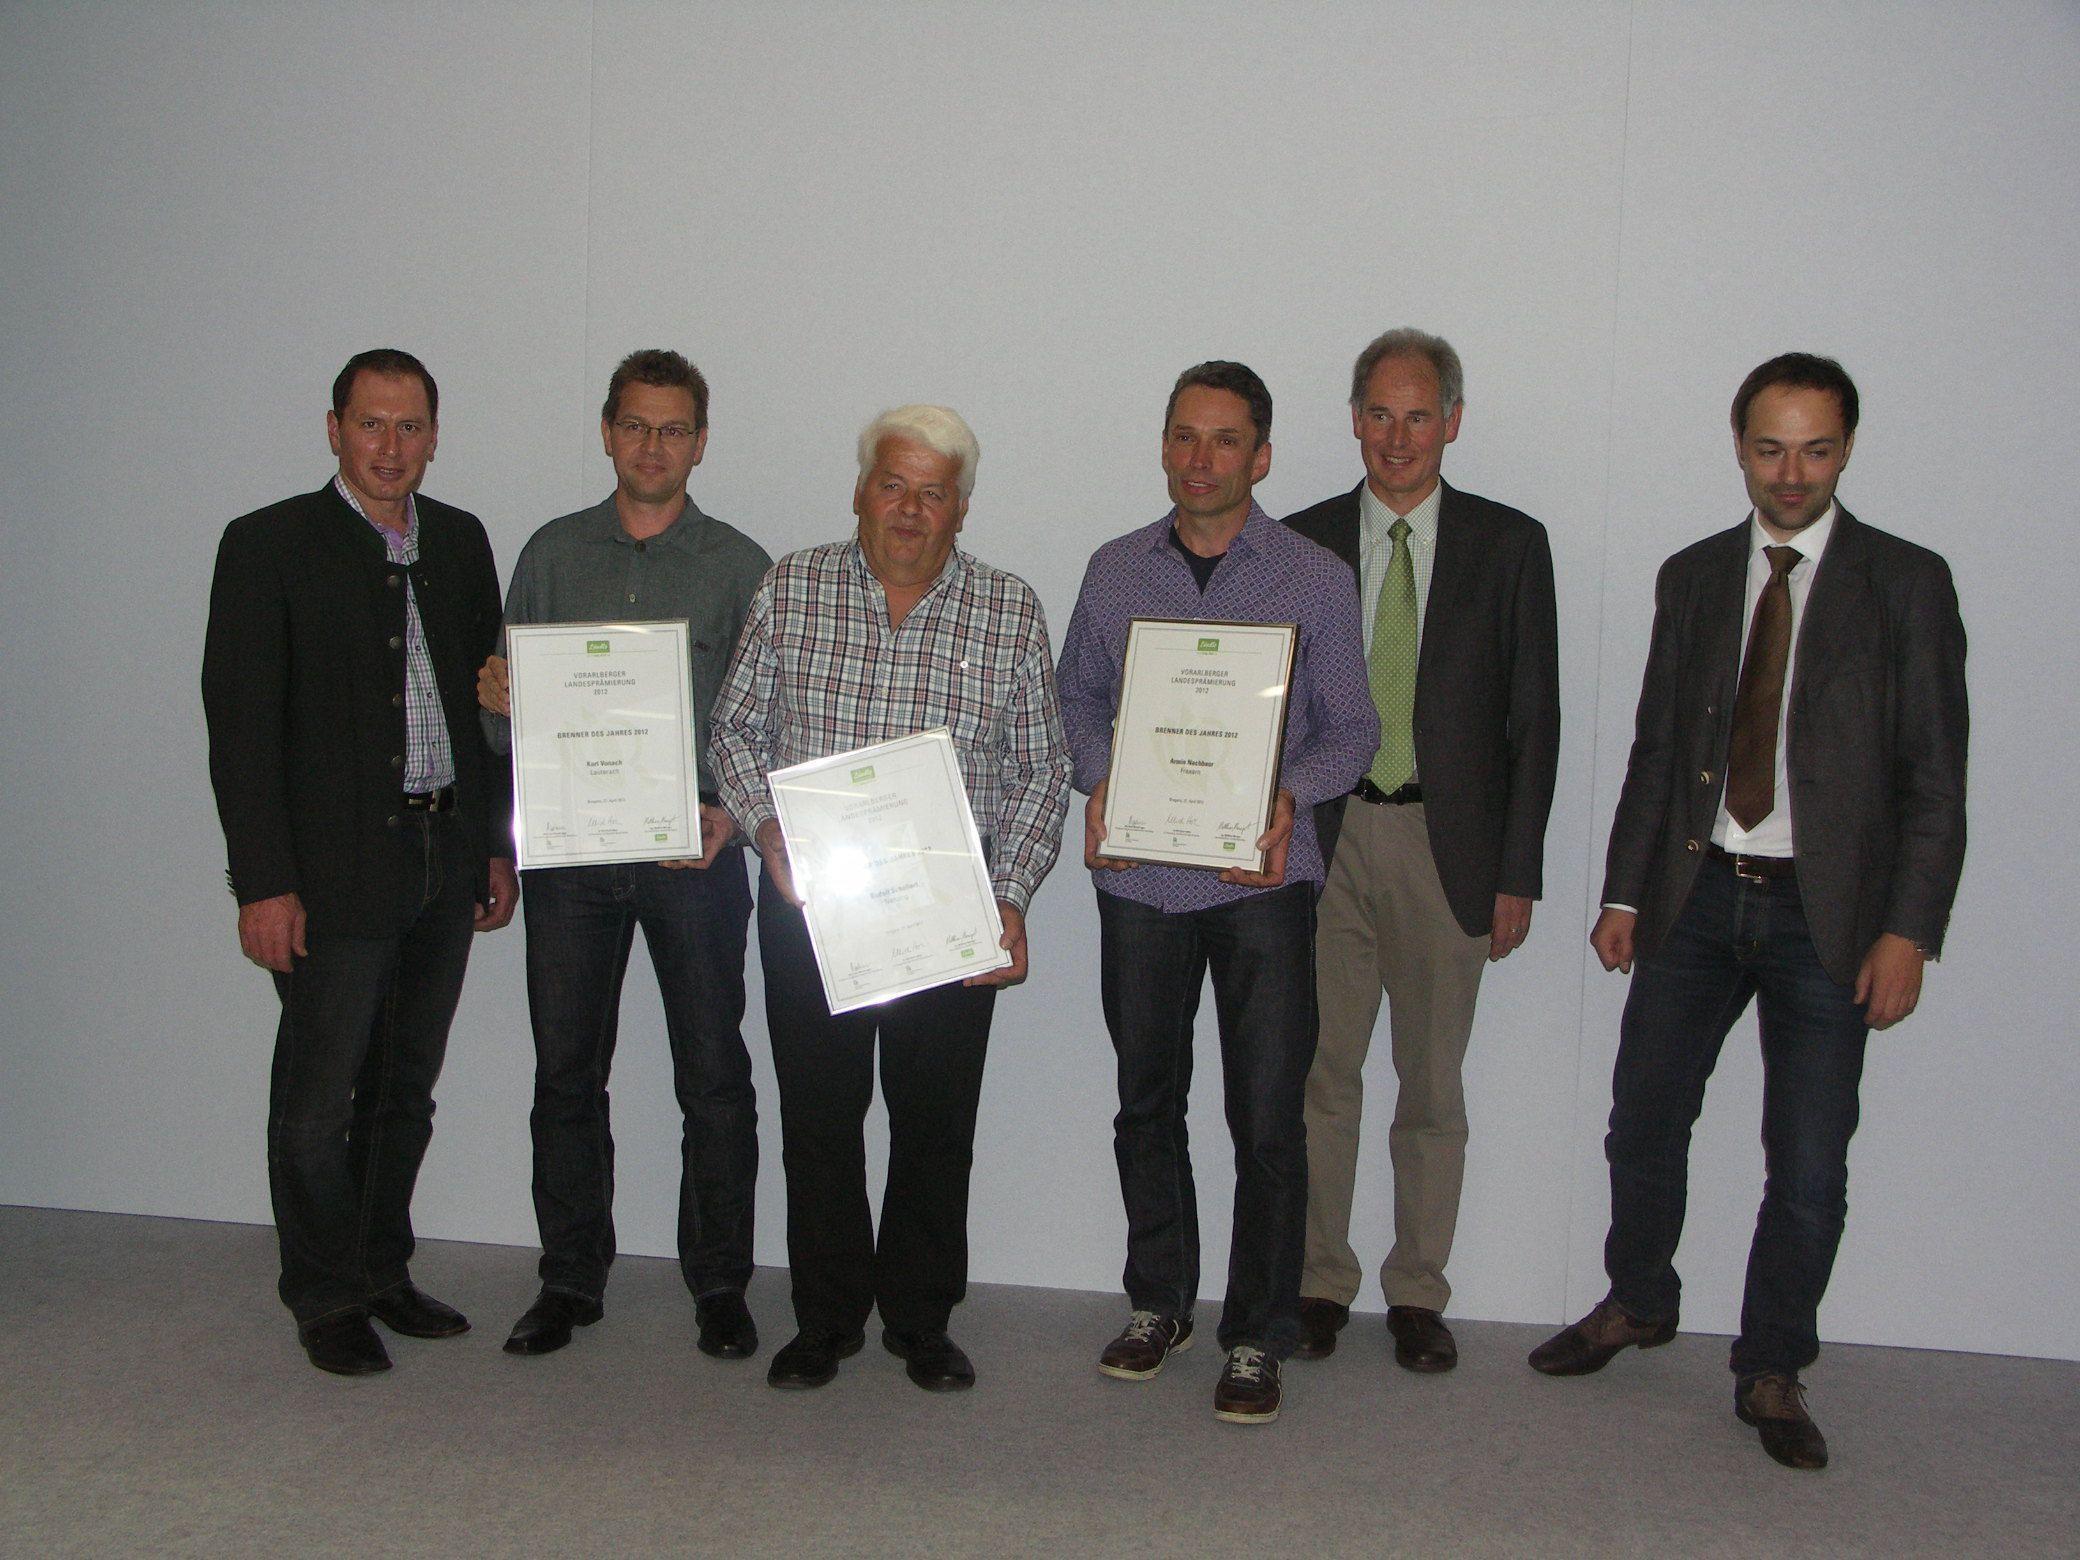 Brenner des Jahres 2012: Armin Nachbaur (3.v.re.), Rudolf Schallert (4.v.re.) und Kurt Vonach (5.v.re.)